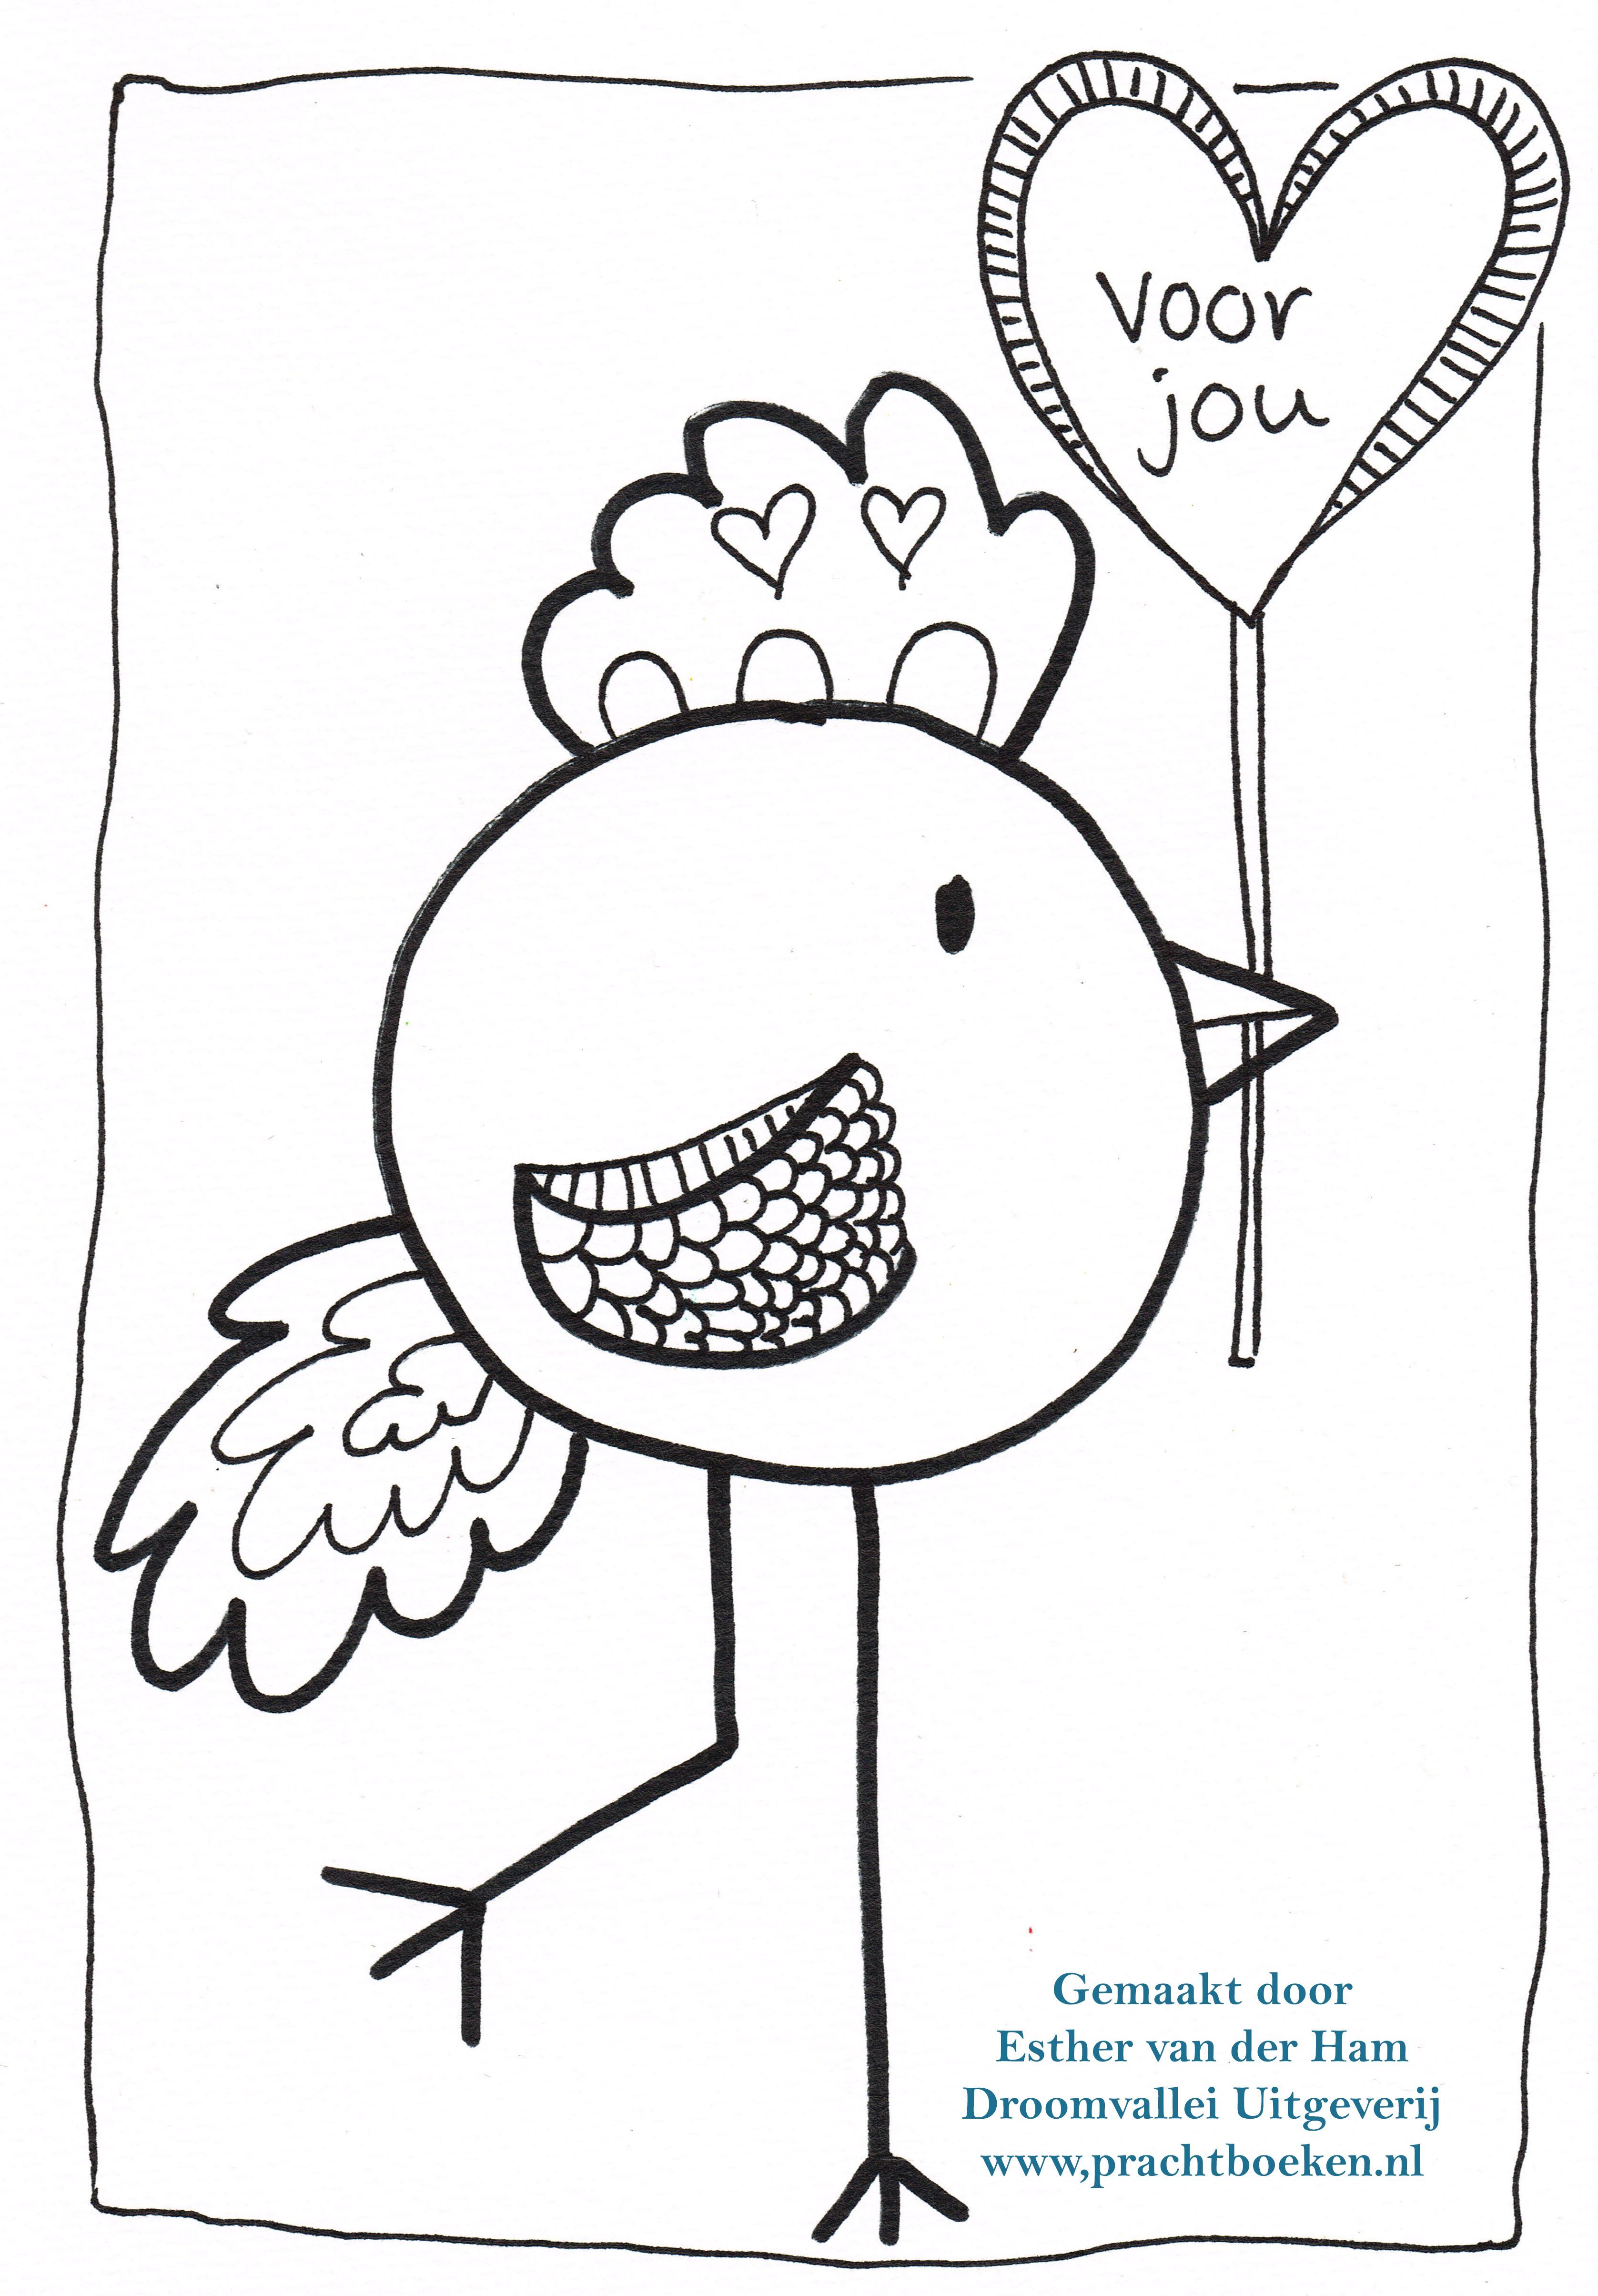 Kleurplaten Over Vogels.Vogel Kleurplaat Voor Jou Droomvallei Uitgeverij